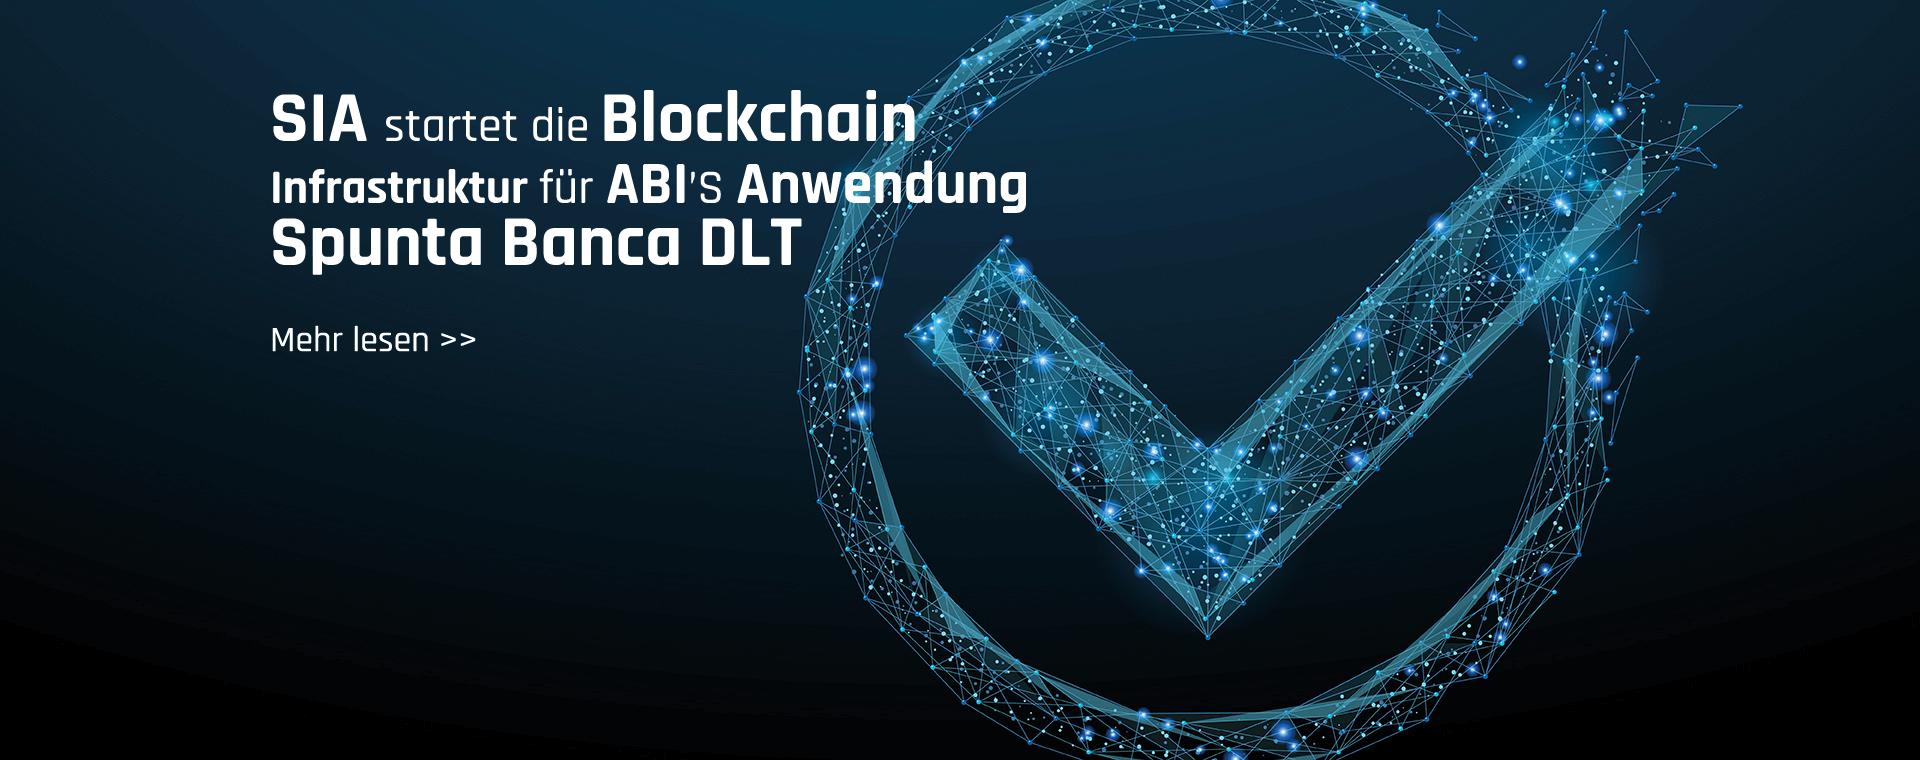 """SIA startet die Blockchain Infrastruktur für ABI'S neue Anwendung """"Spunta Banca DLT"""""""